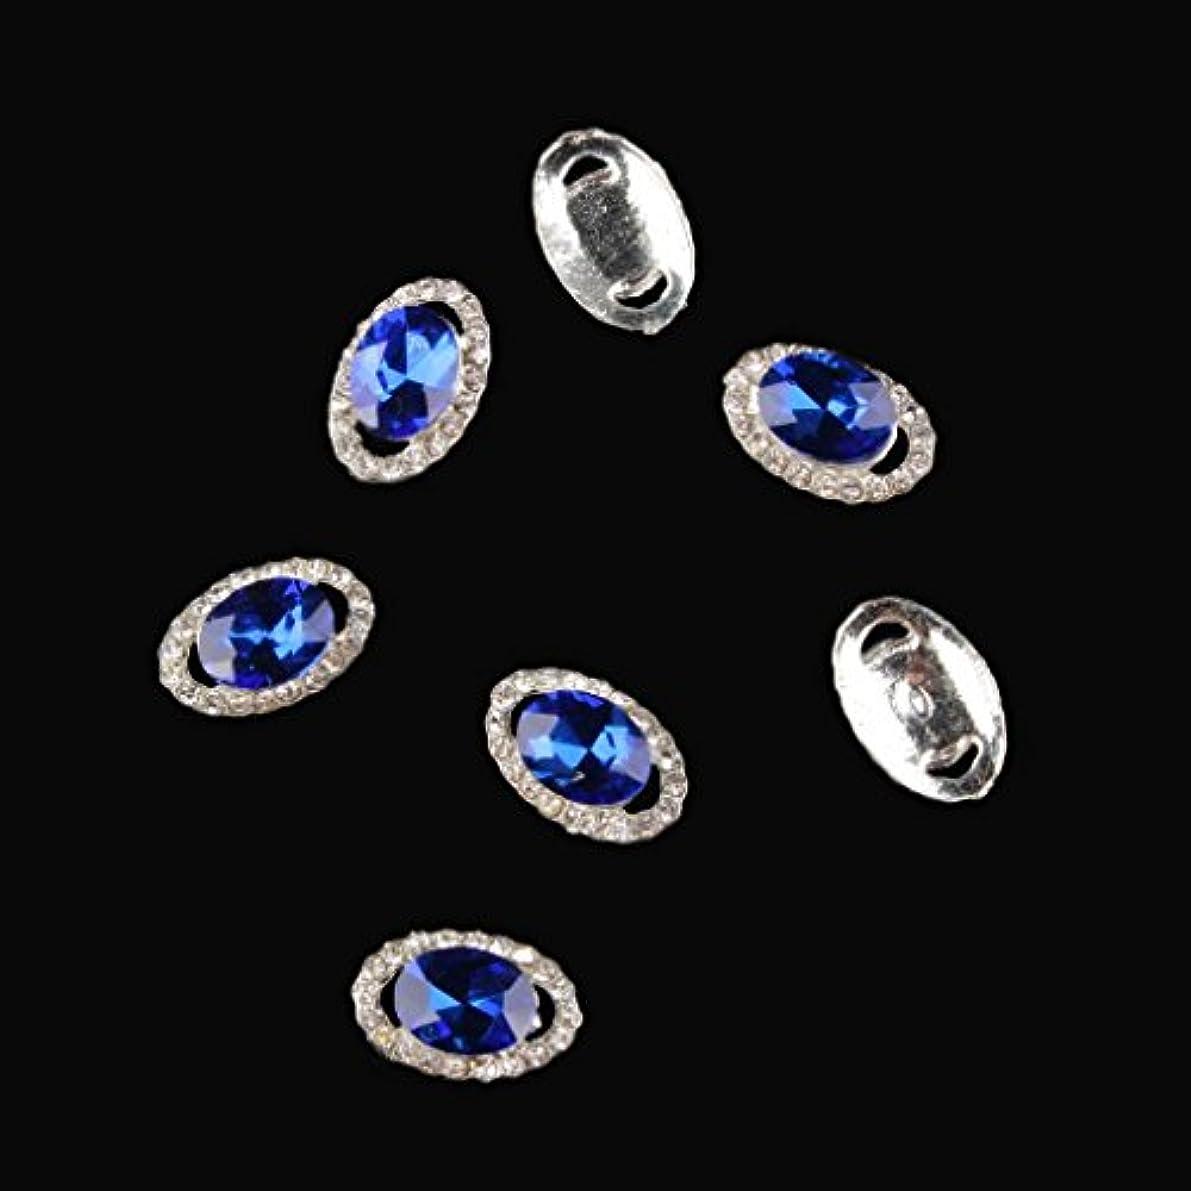 割合通り抜けるグラディスPerfeclan 3Dネイルアート ステッカー 10本セット ネイルステッカー DIY 携帯電話装飾 全6種類 - 青